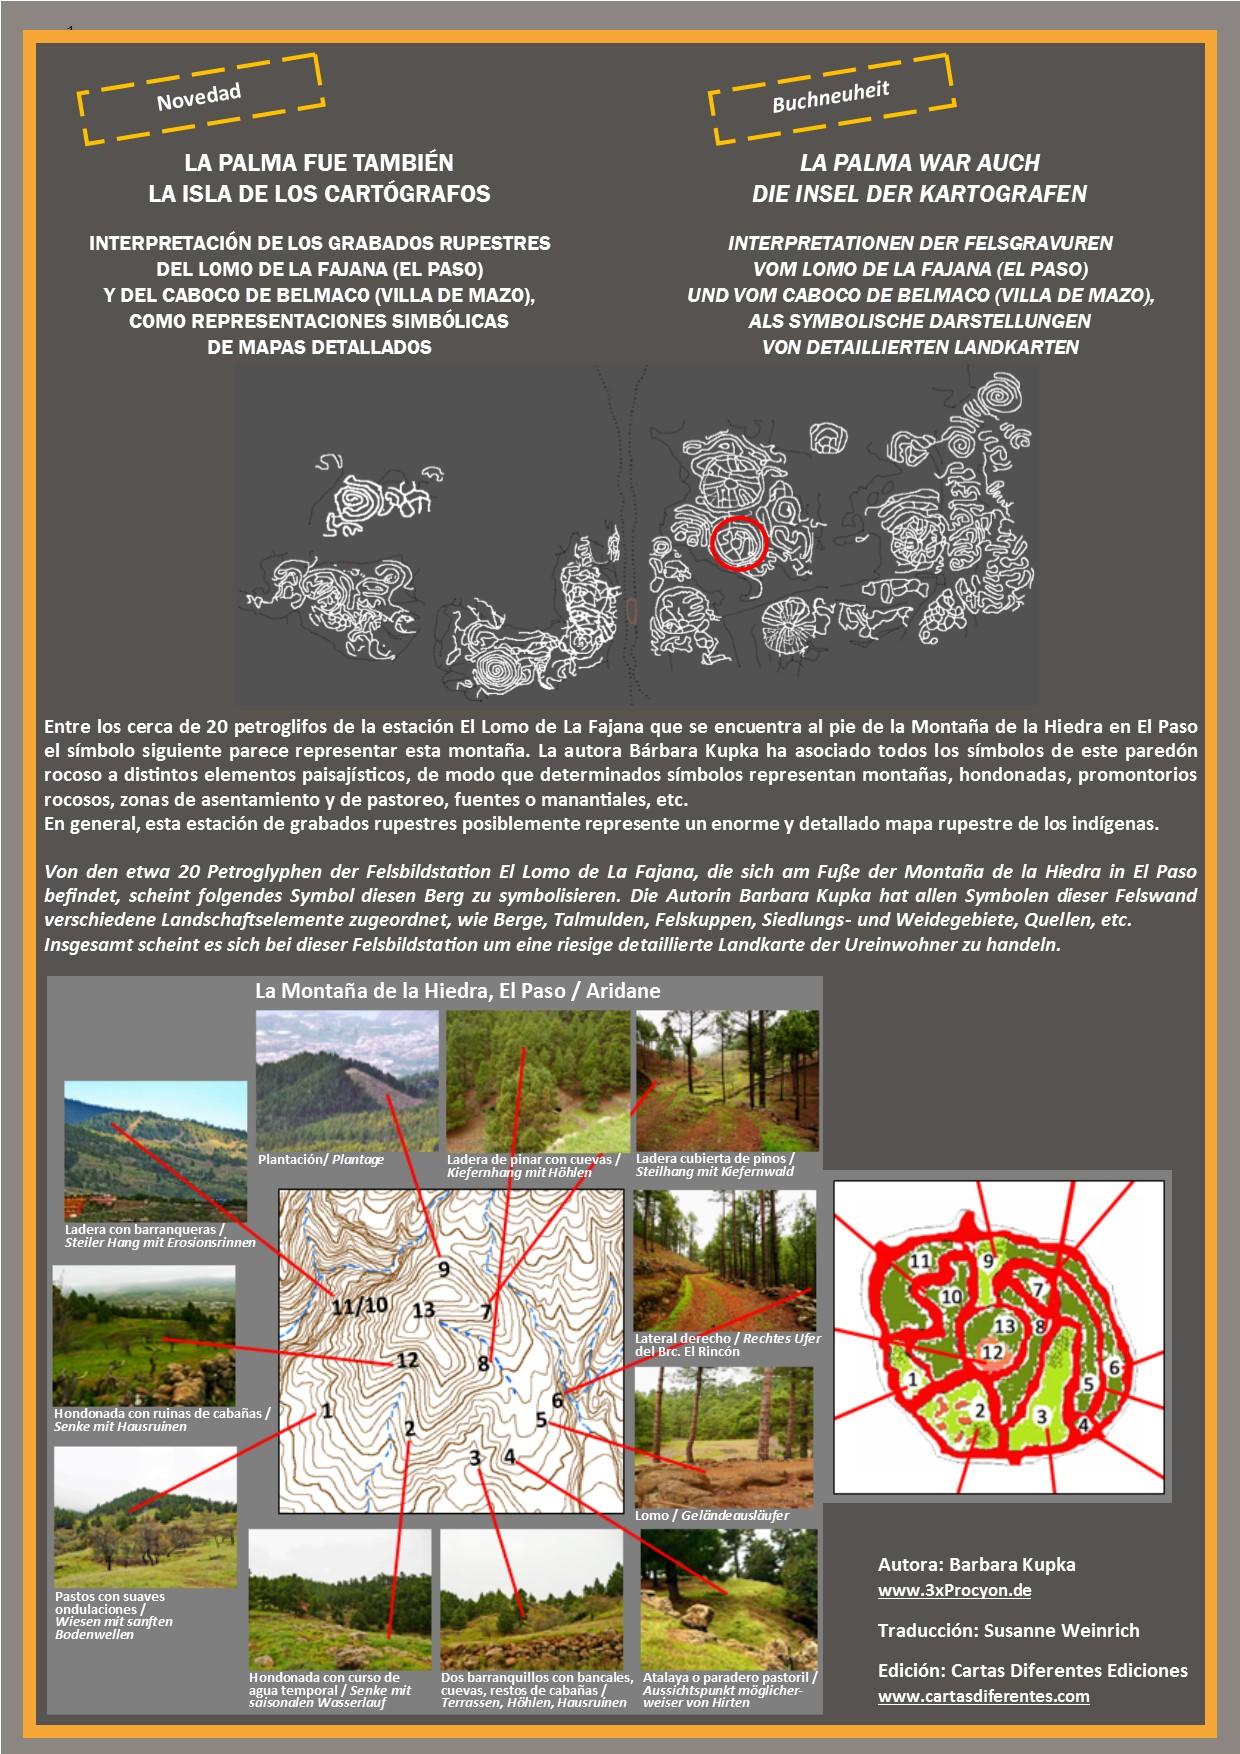 Este motivo circular se ajusta bastante bien a los elementos paisajísticos de la Montaña de la Hiedra.